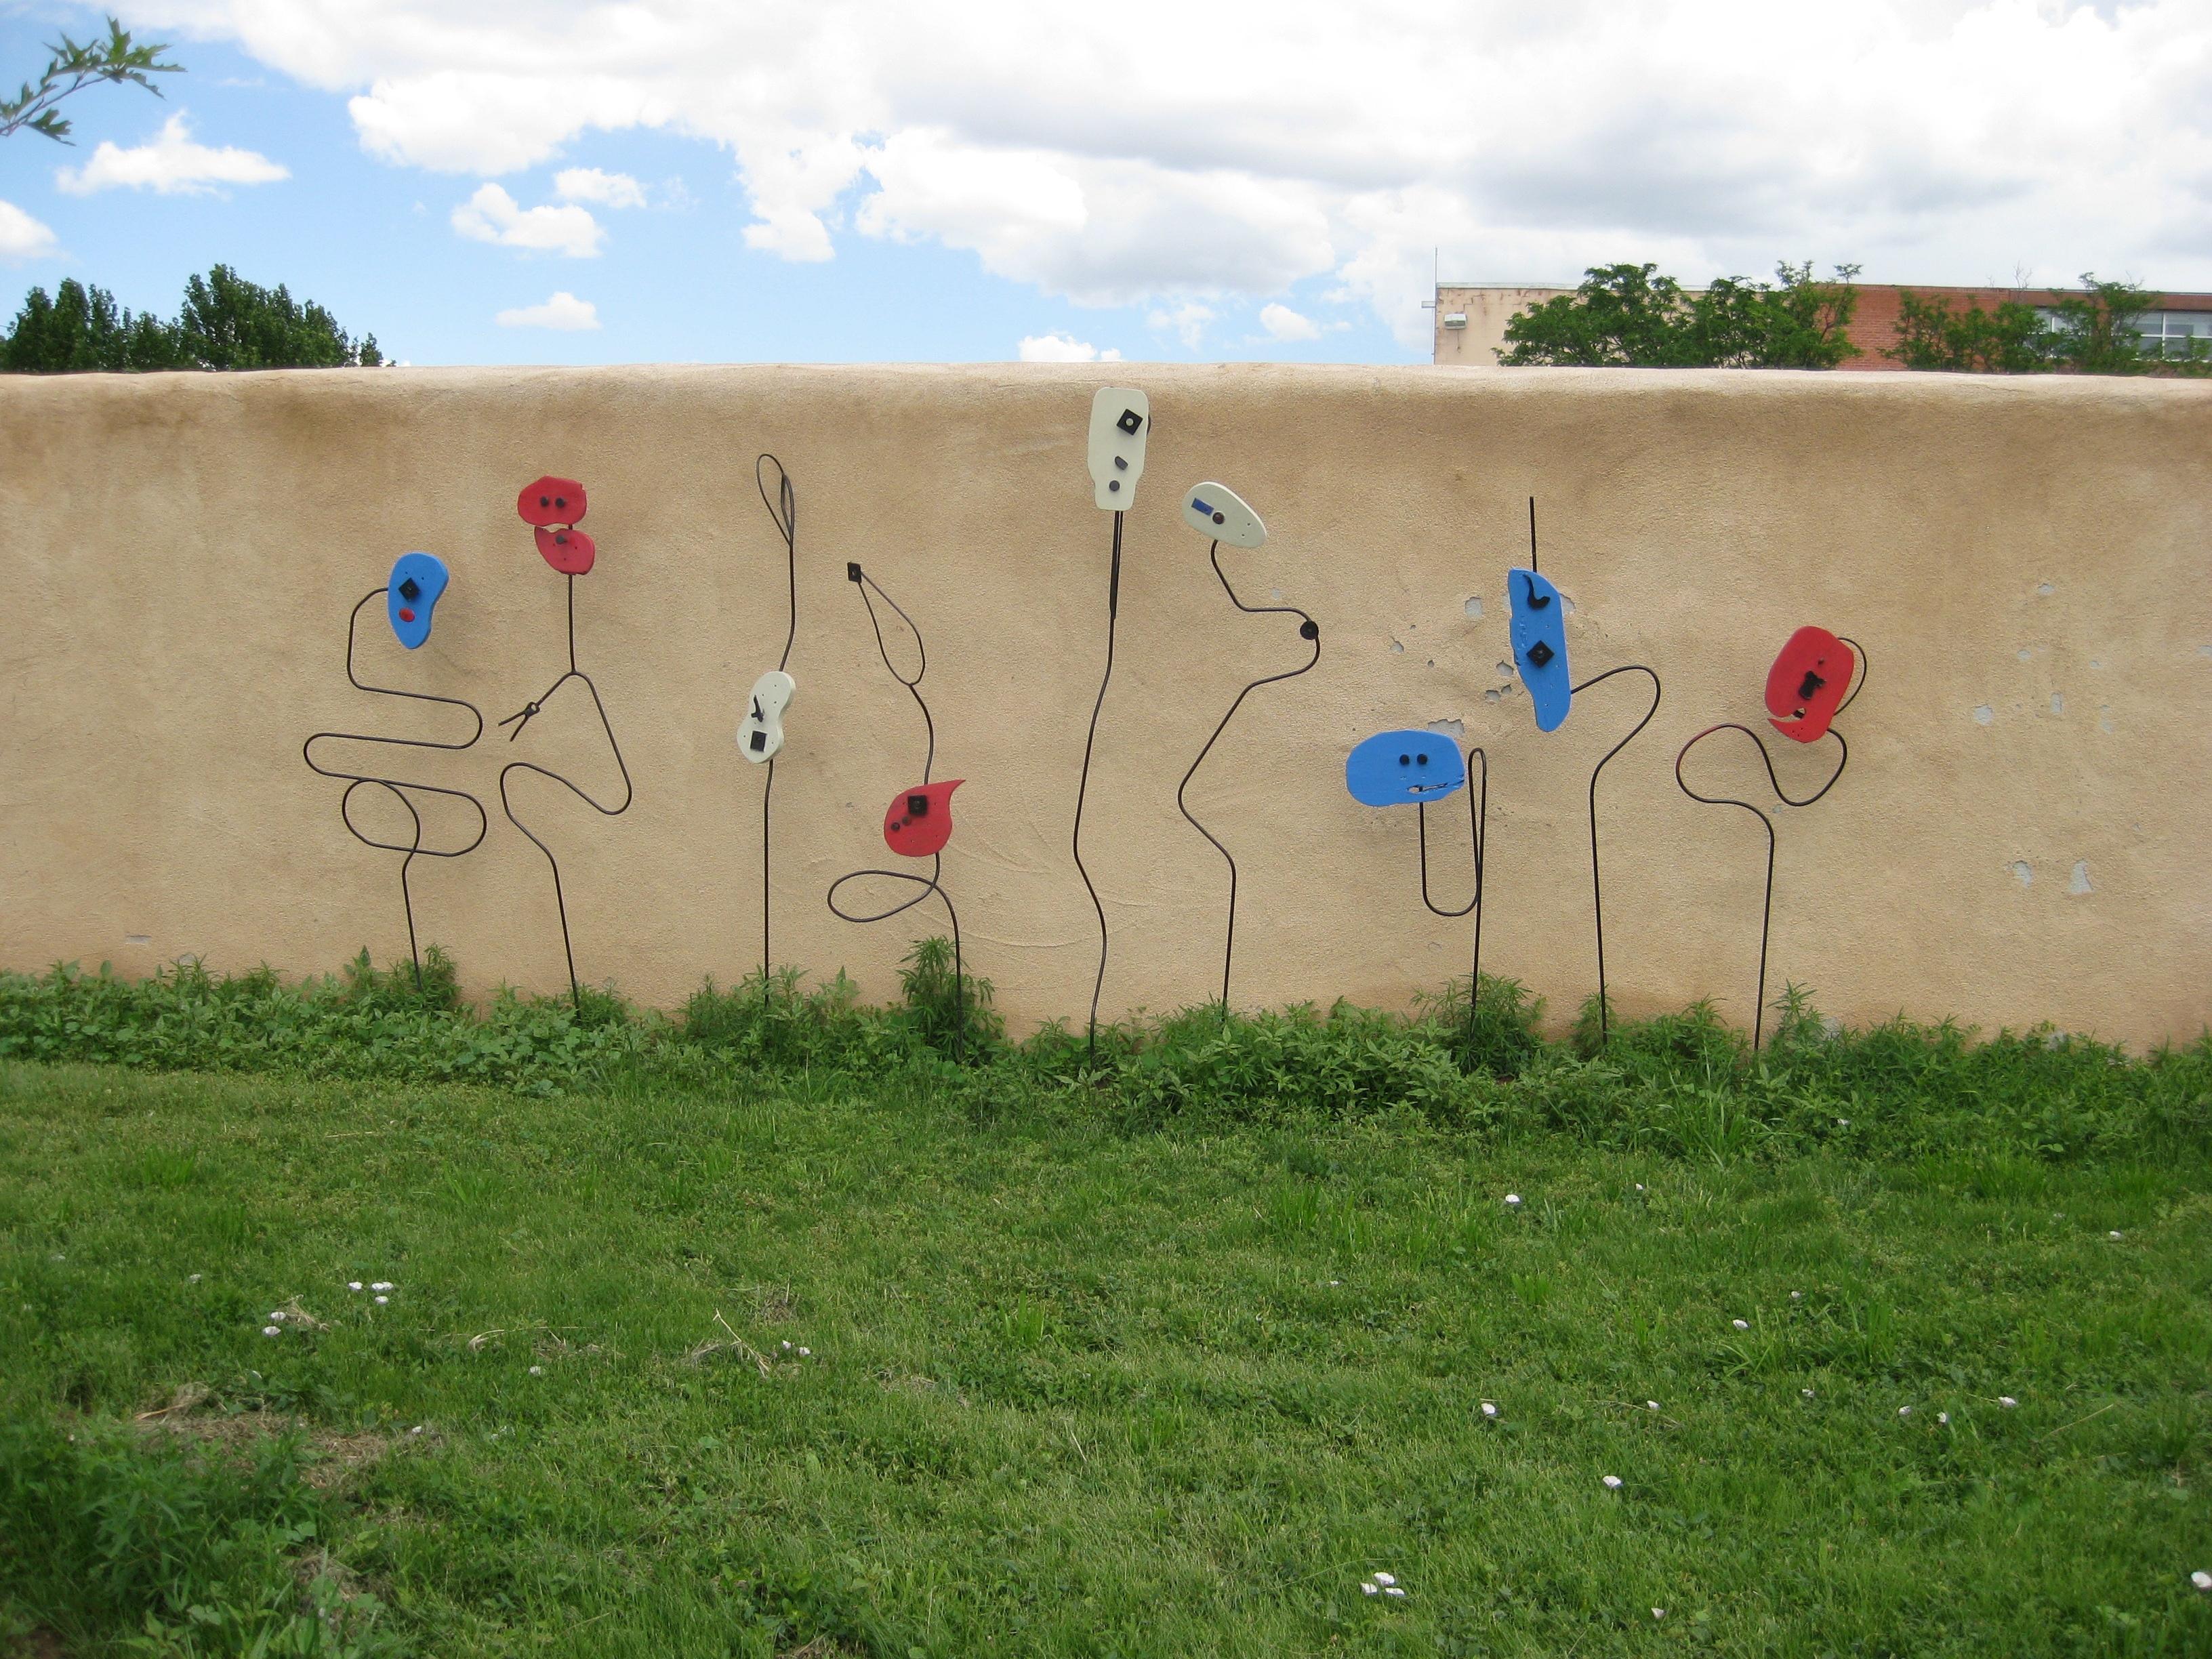 Parksculpture1